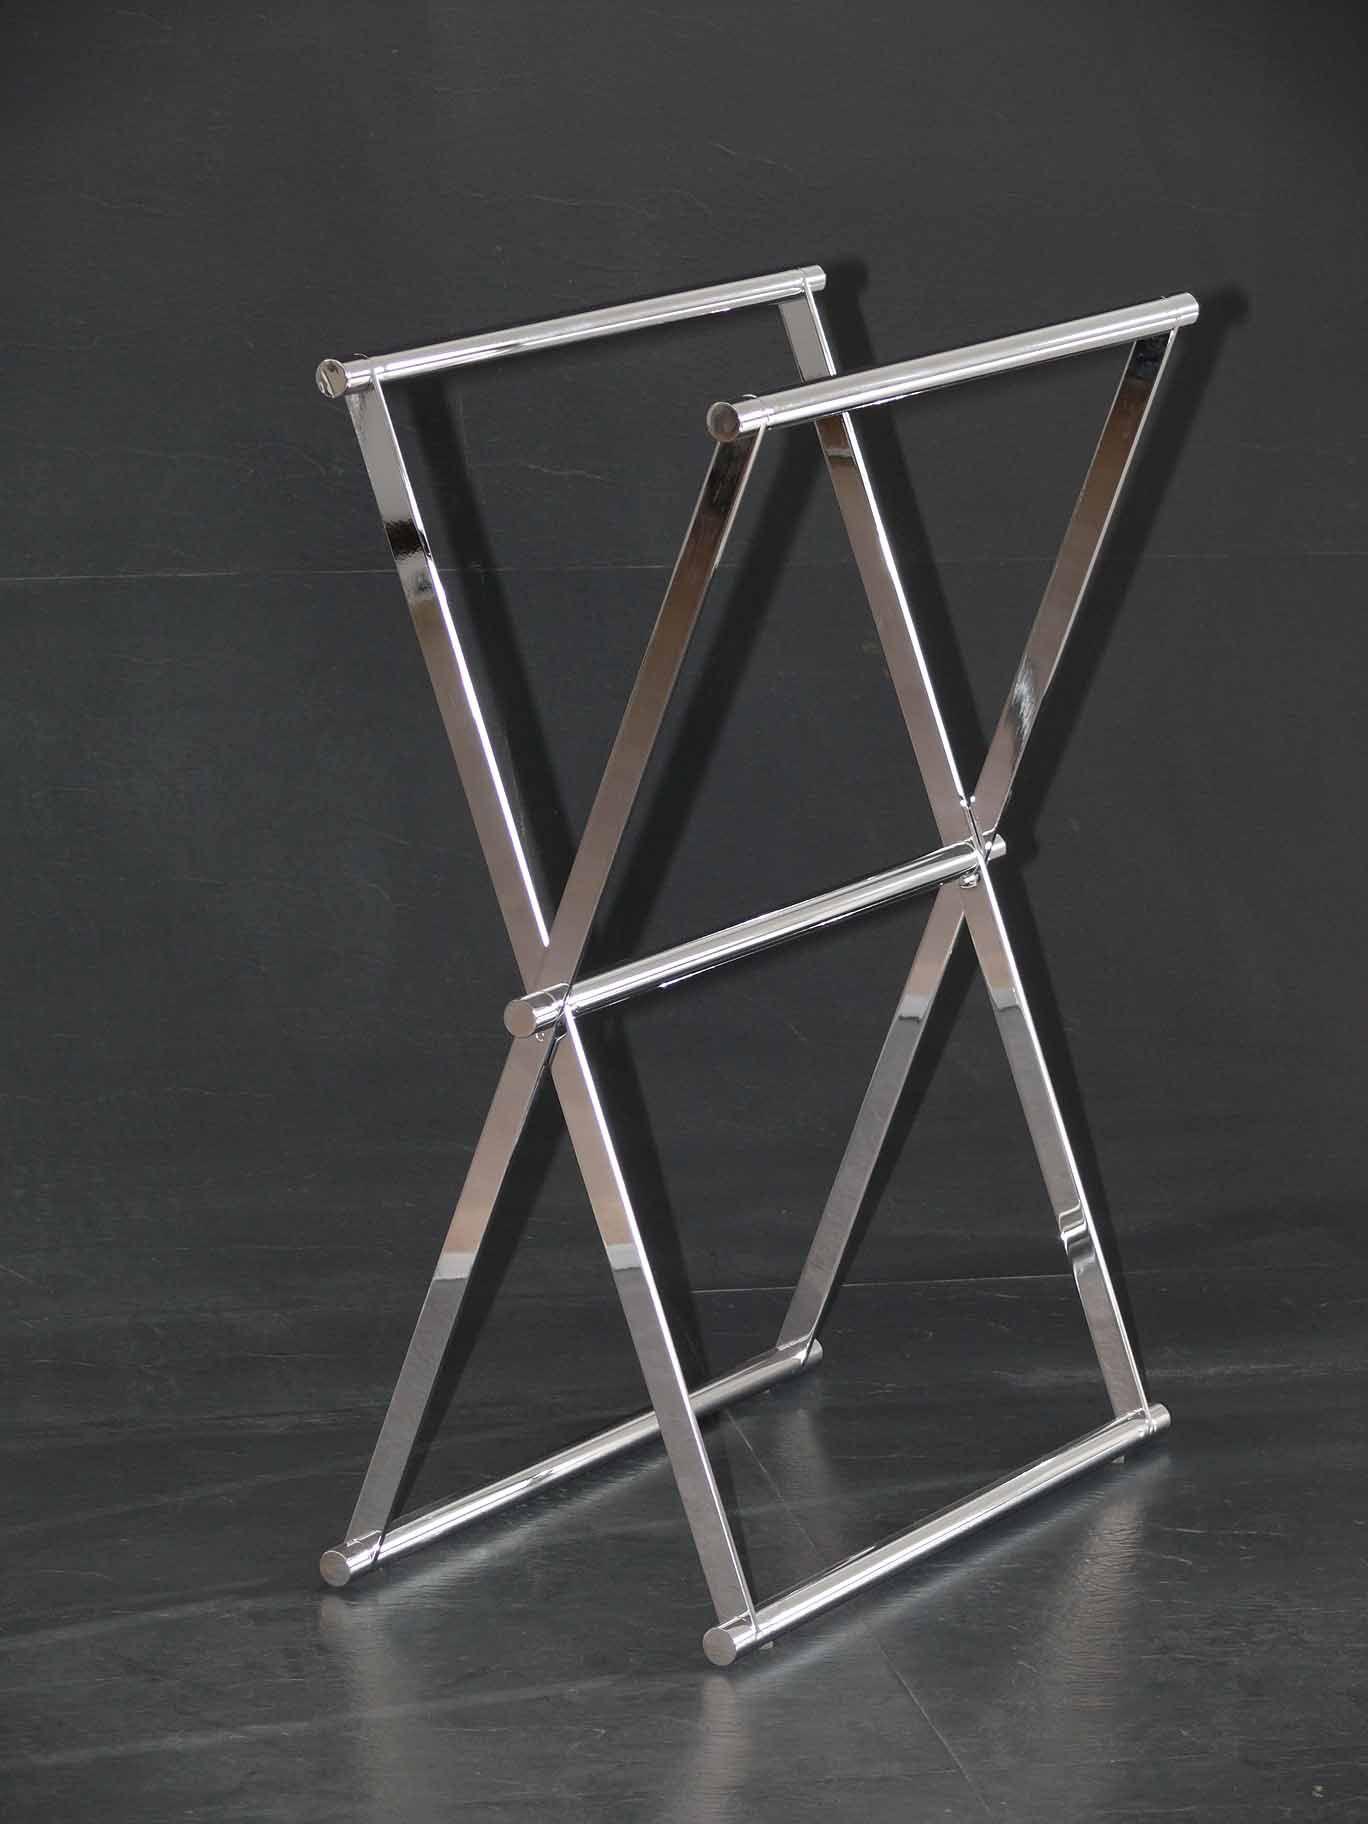 die besten 25 handtuchhalter klappbar ideen auf pinterest handtuchhalter f r heizung. Black Bedroom Furniture Sets. Home Design Ideas